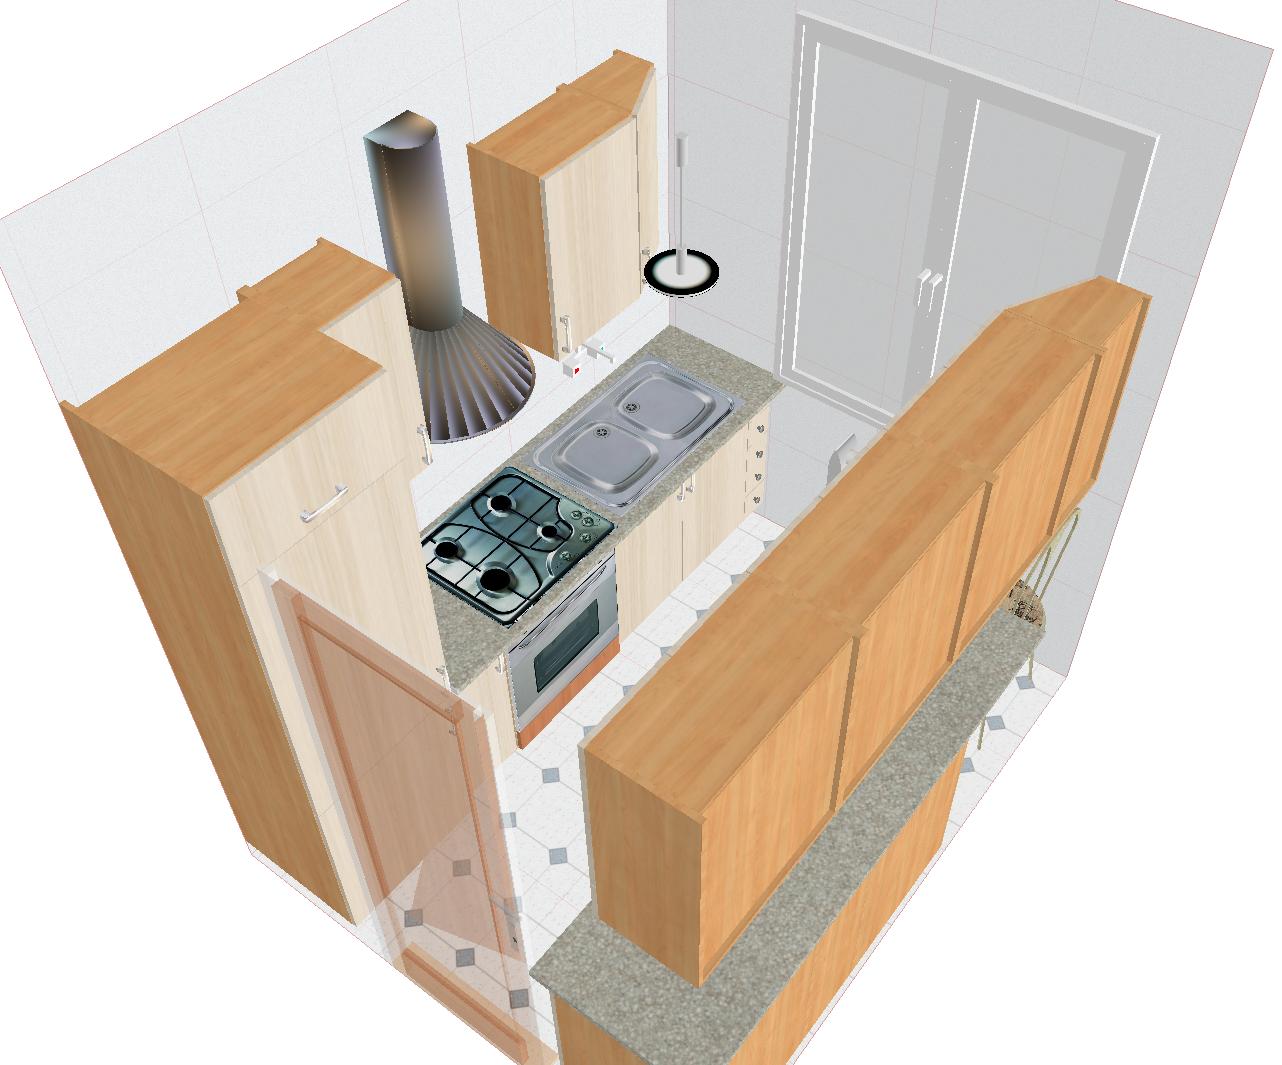 Corridor Style Kitchen Ideas. Corridor Kitchen Layouts With ...